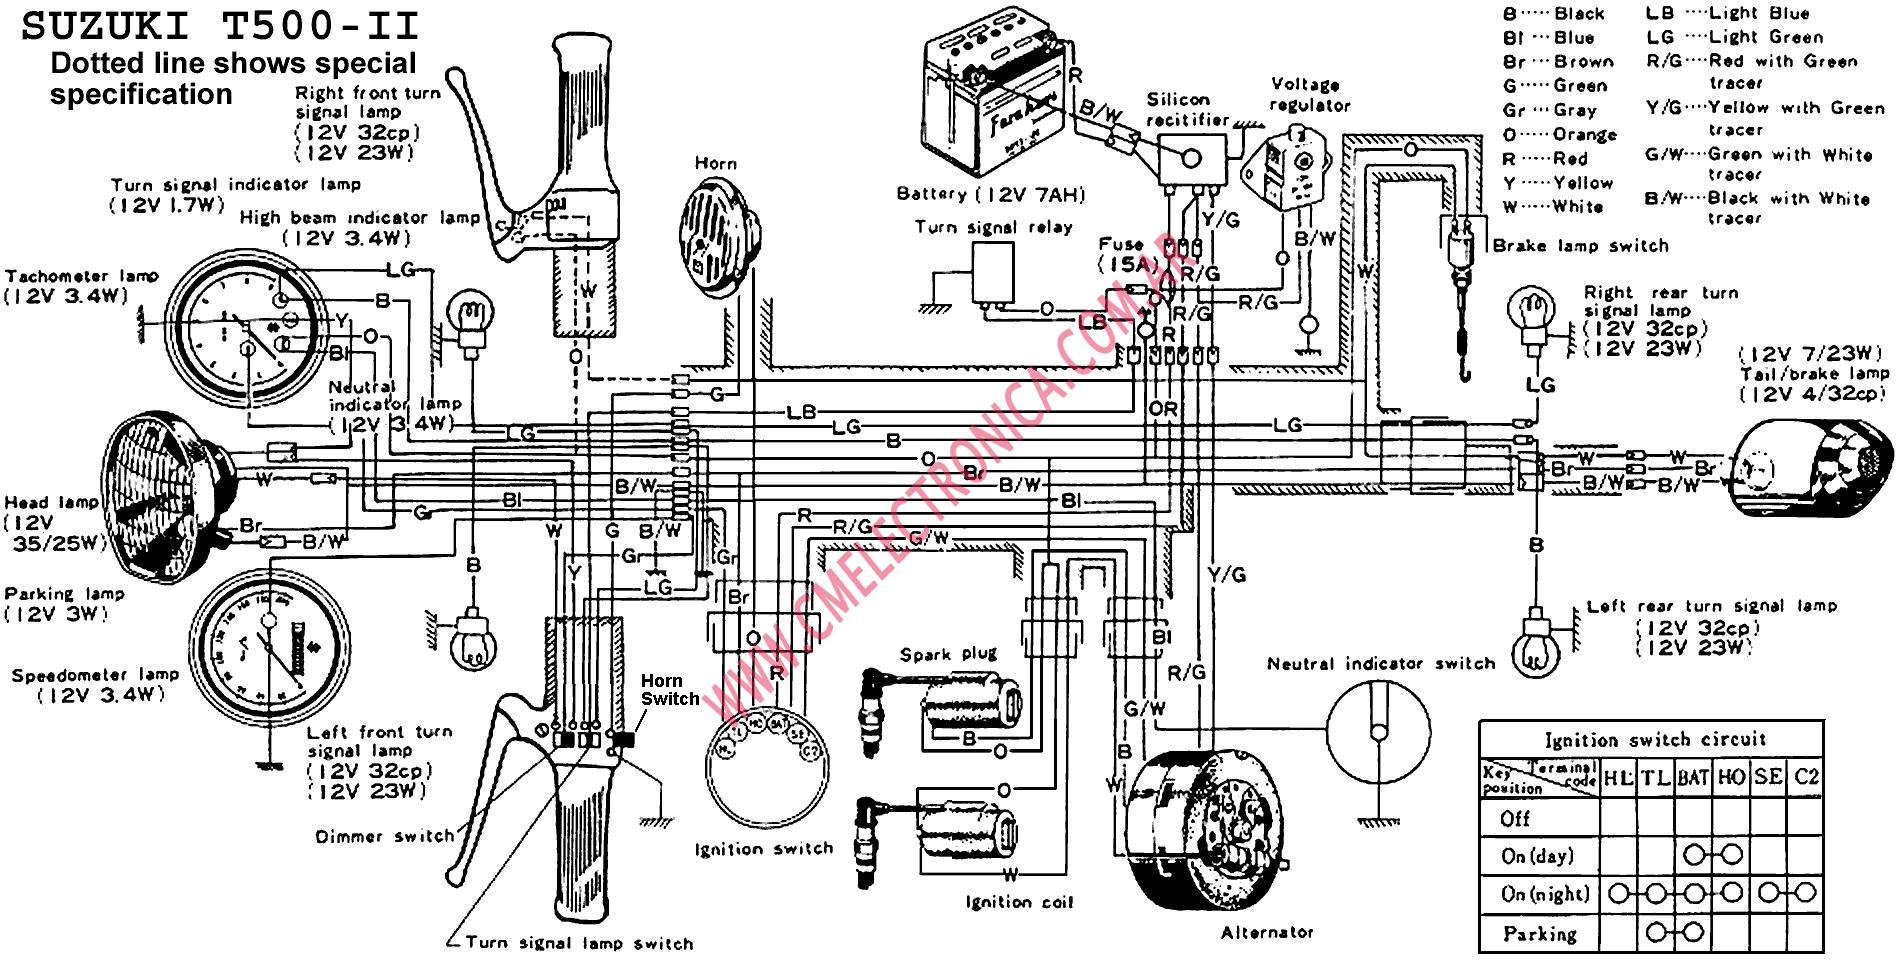 2005 suzuki vinson 500 wiring diagram